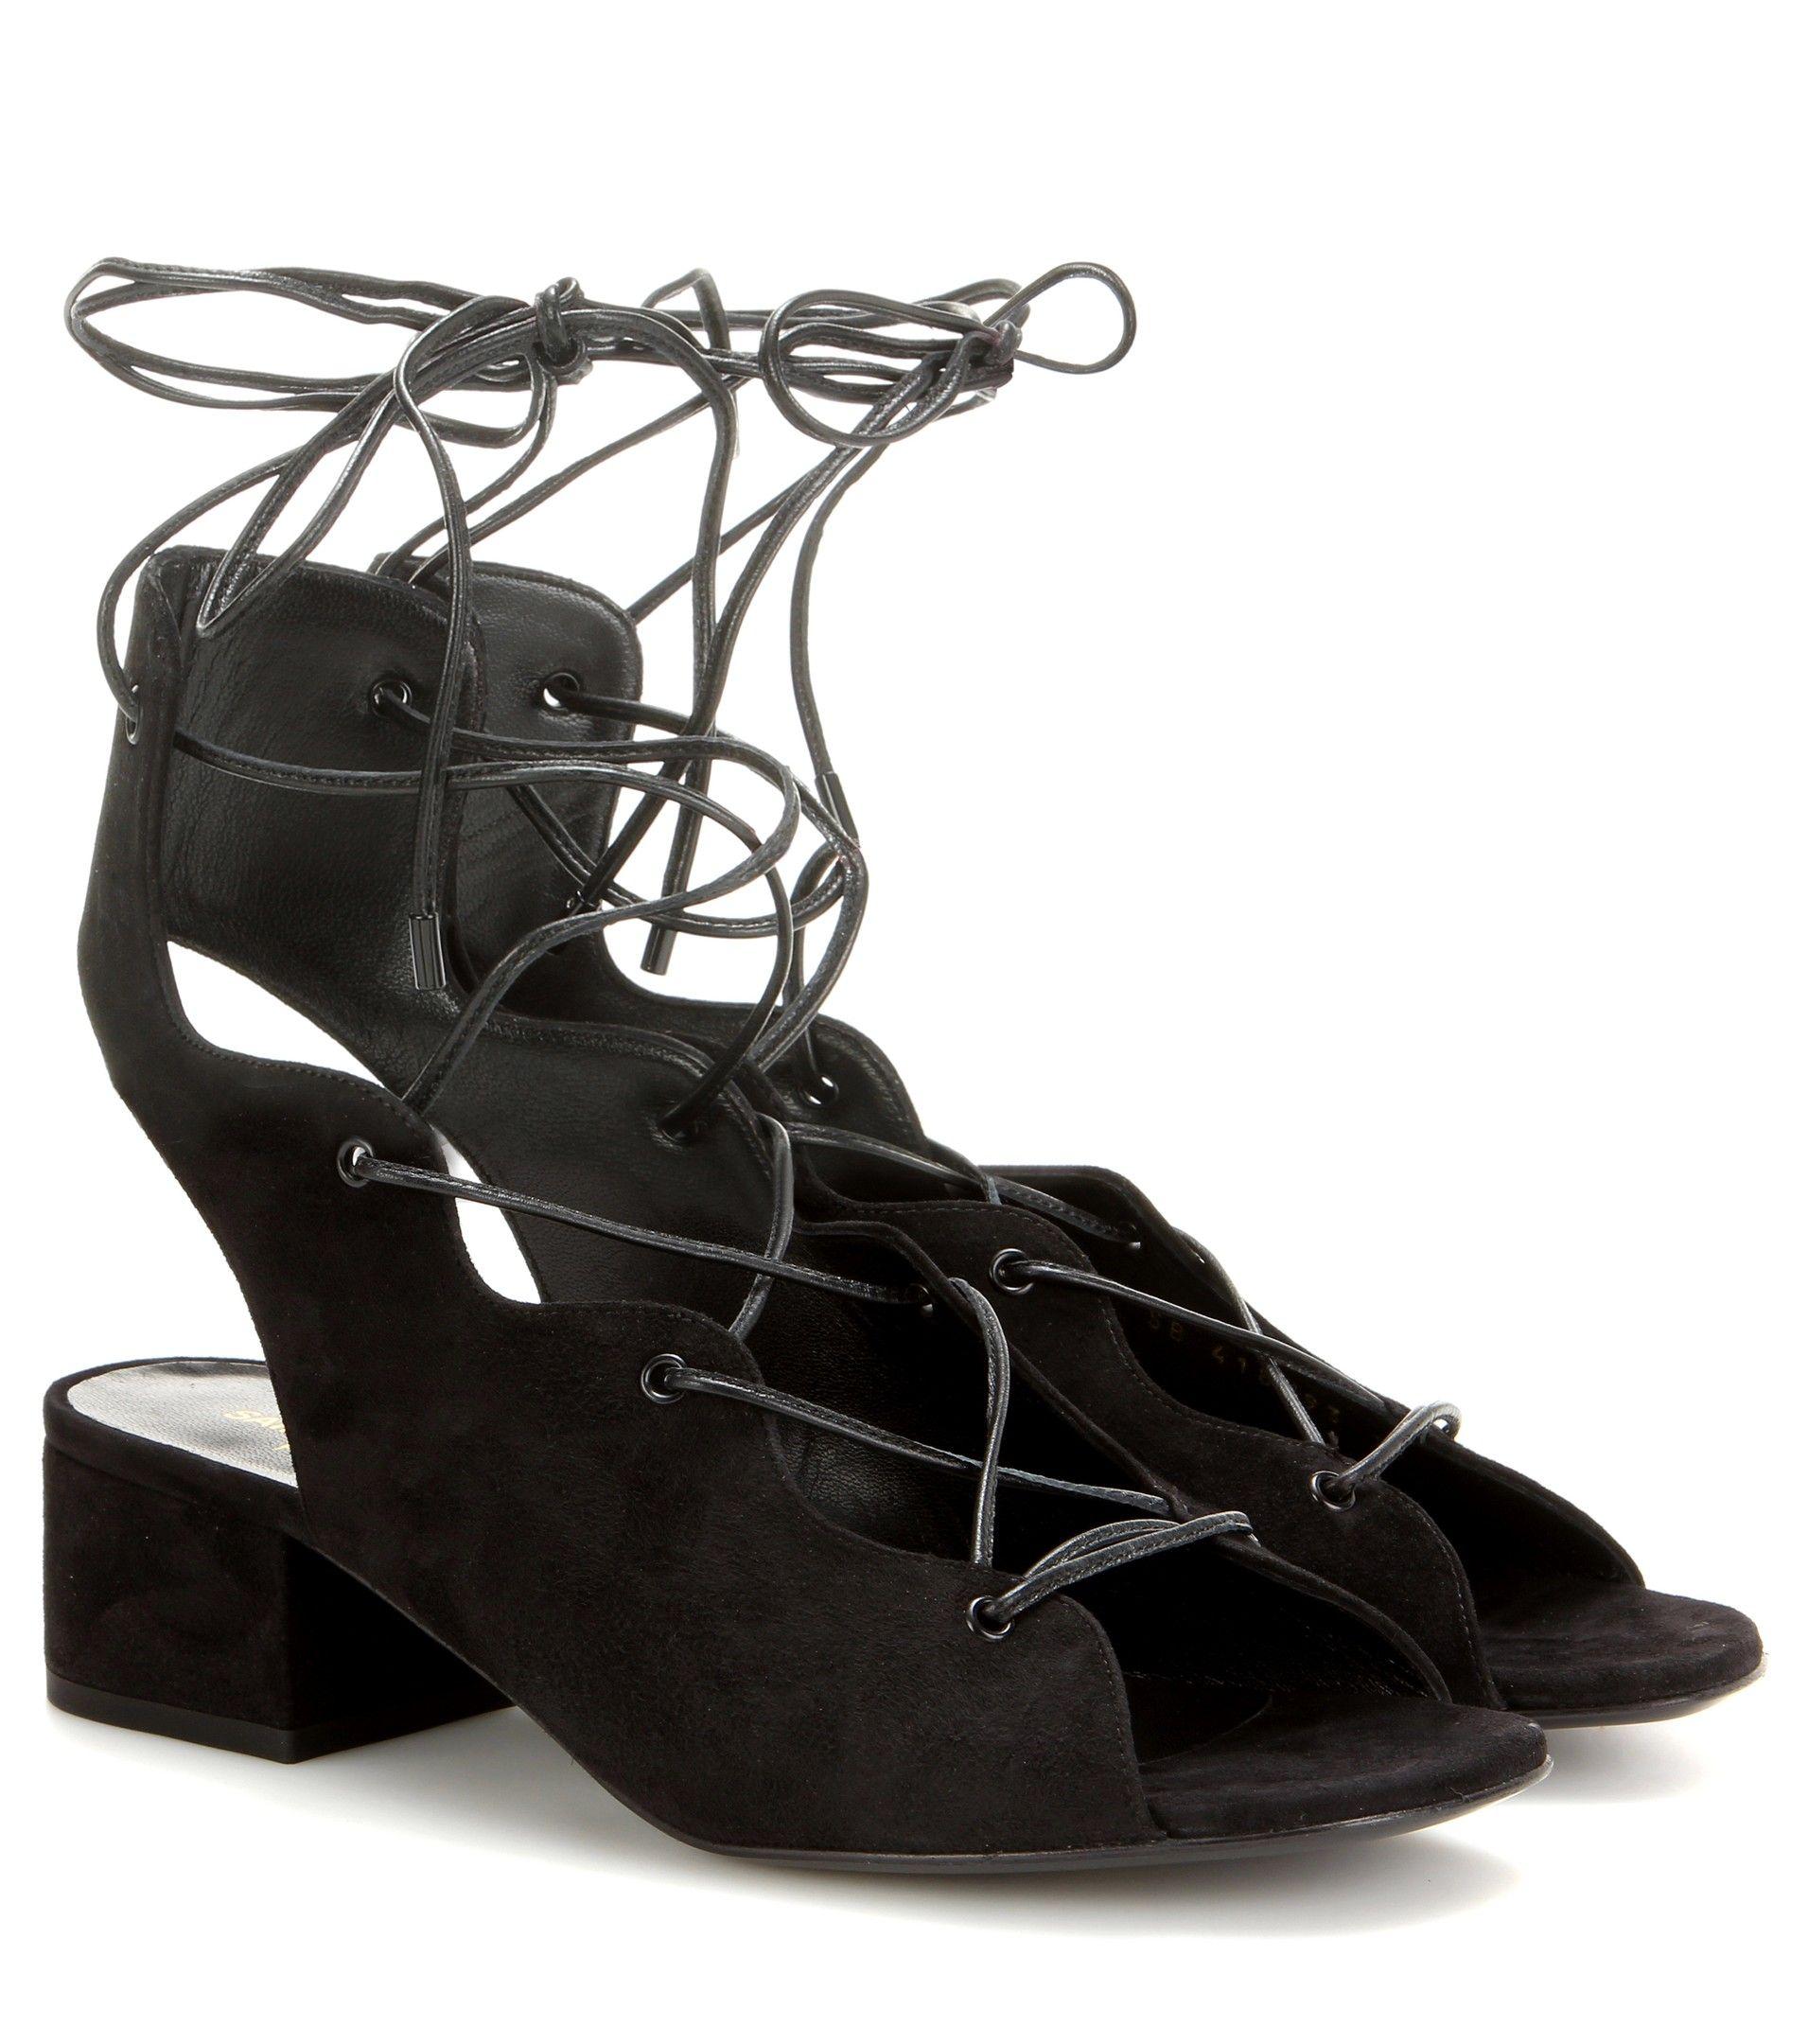 Black newborn sandals - Saint Laurent Babies 40 Black Suede Sandals